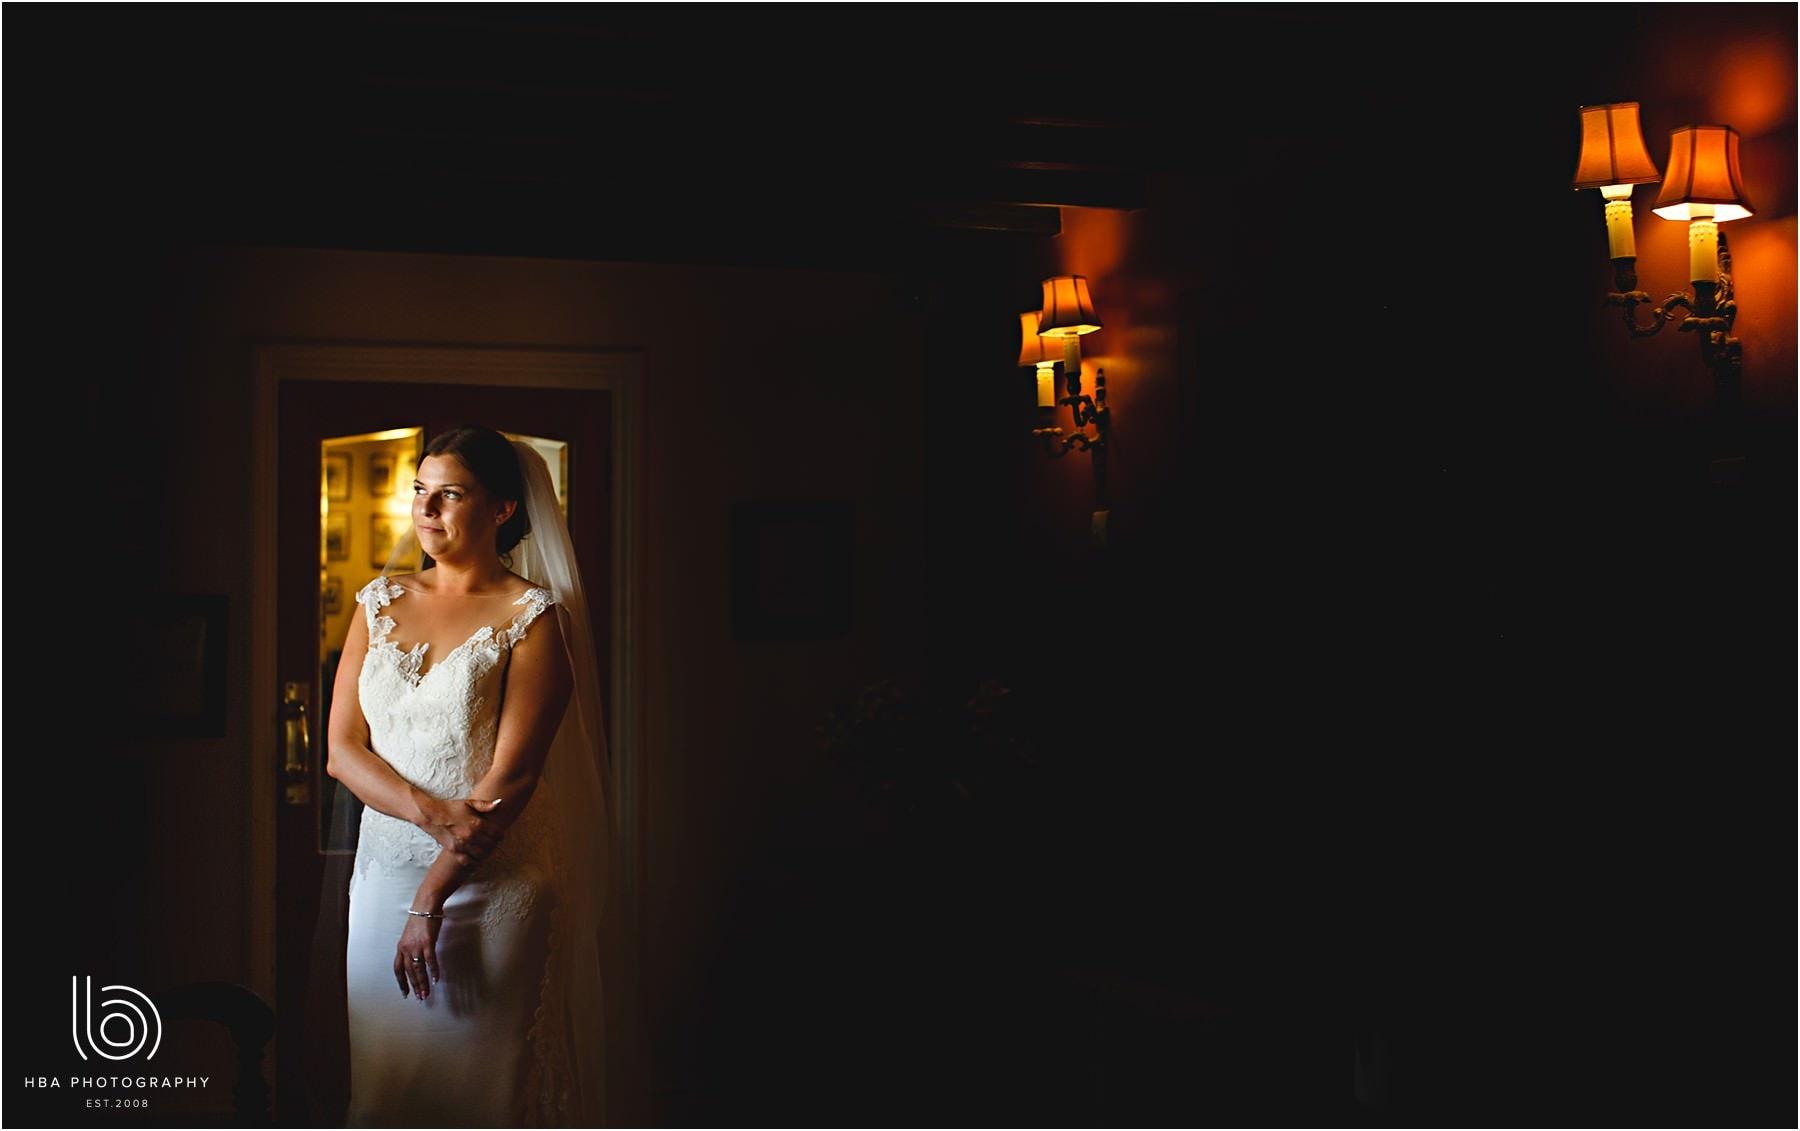 the bride in a corridor